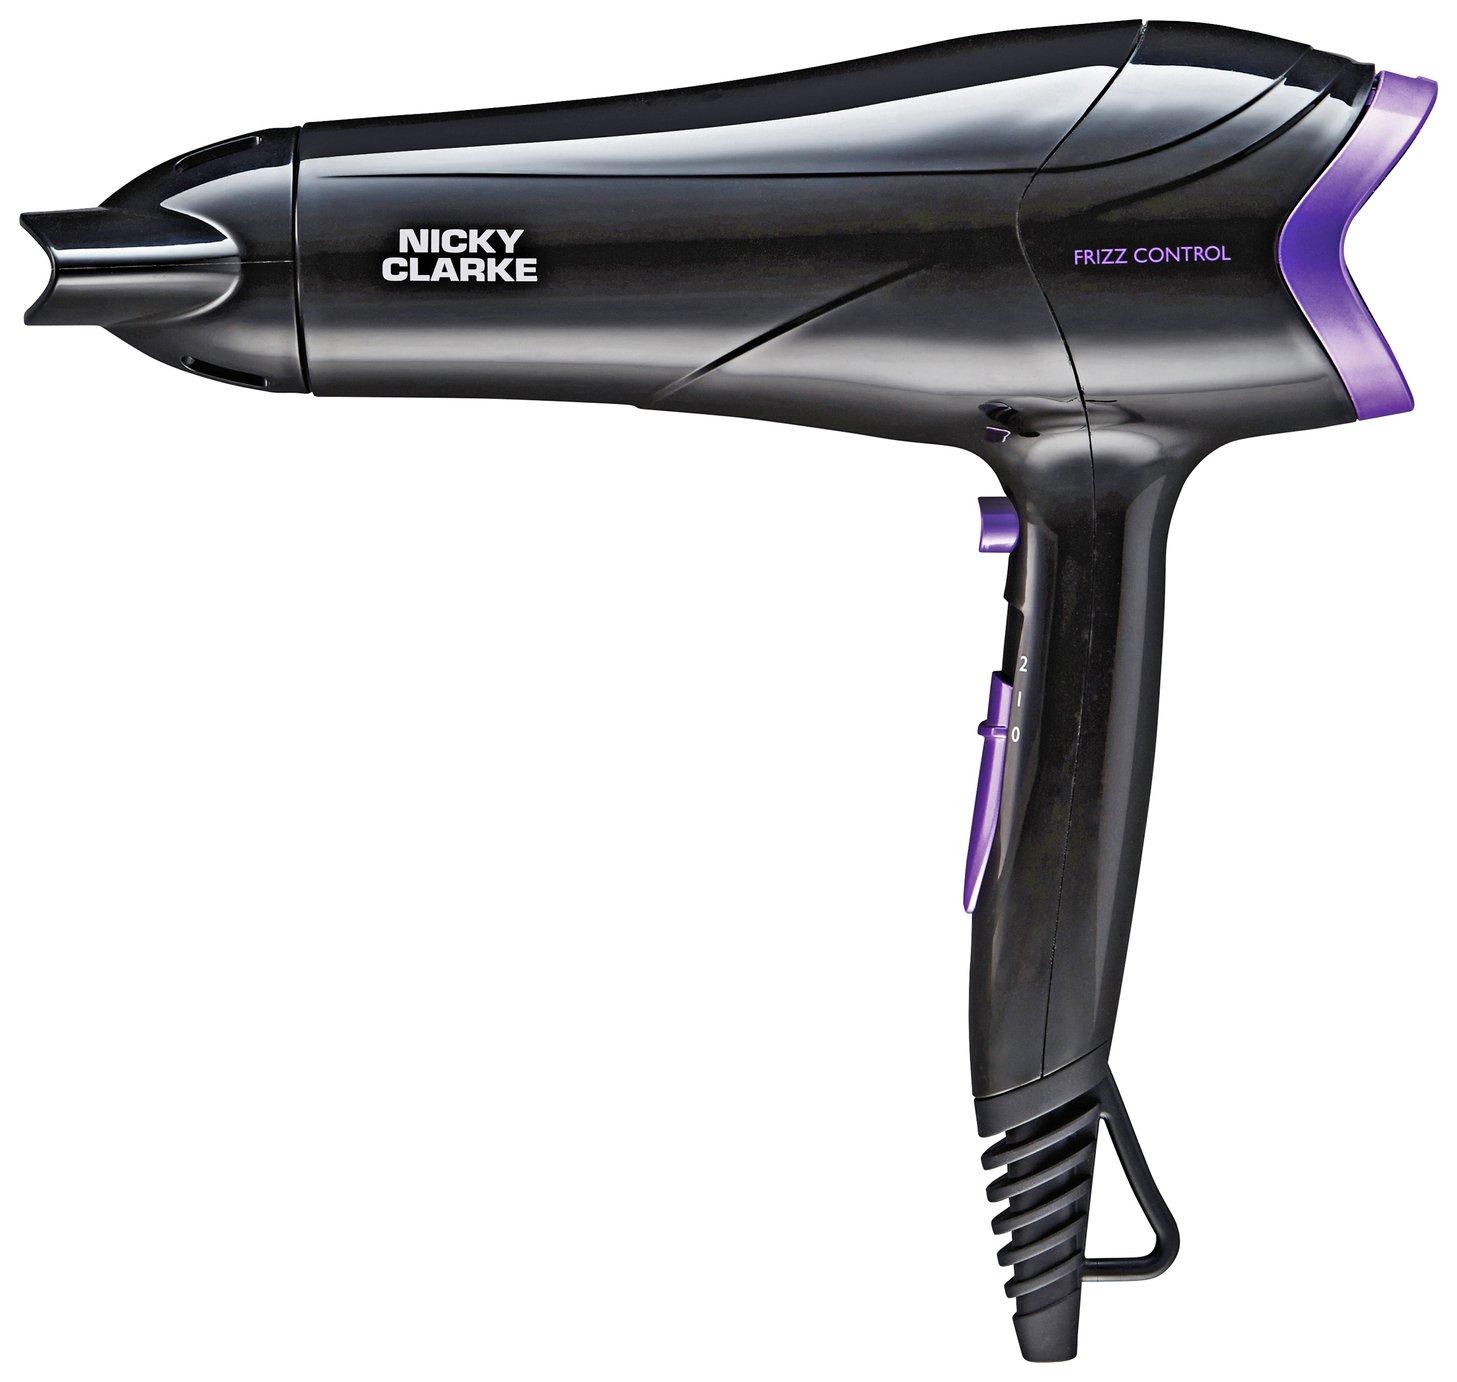 Nicky Clarke Frizz Control Lightweight Hair Dryer